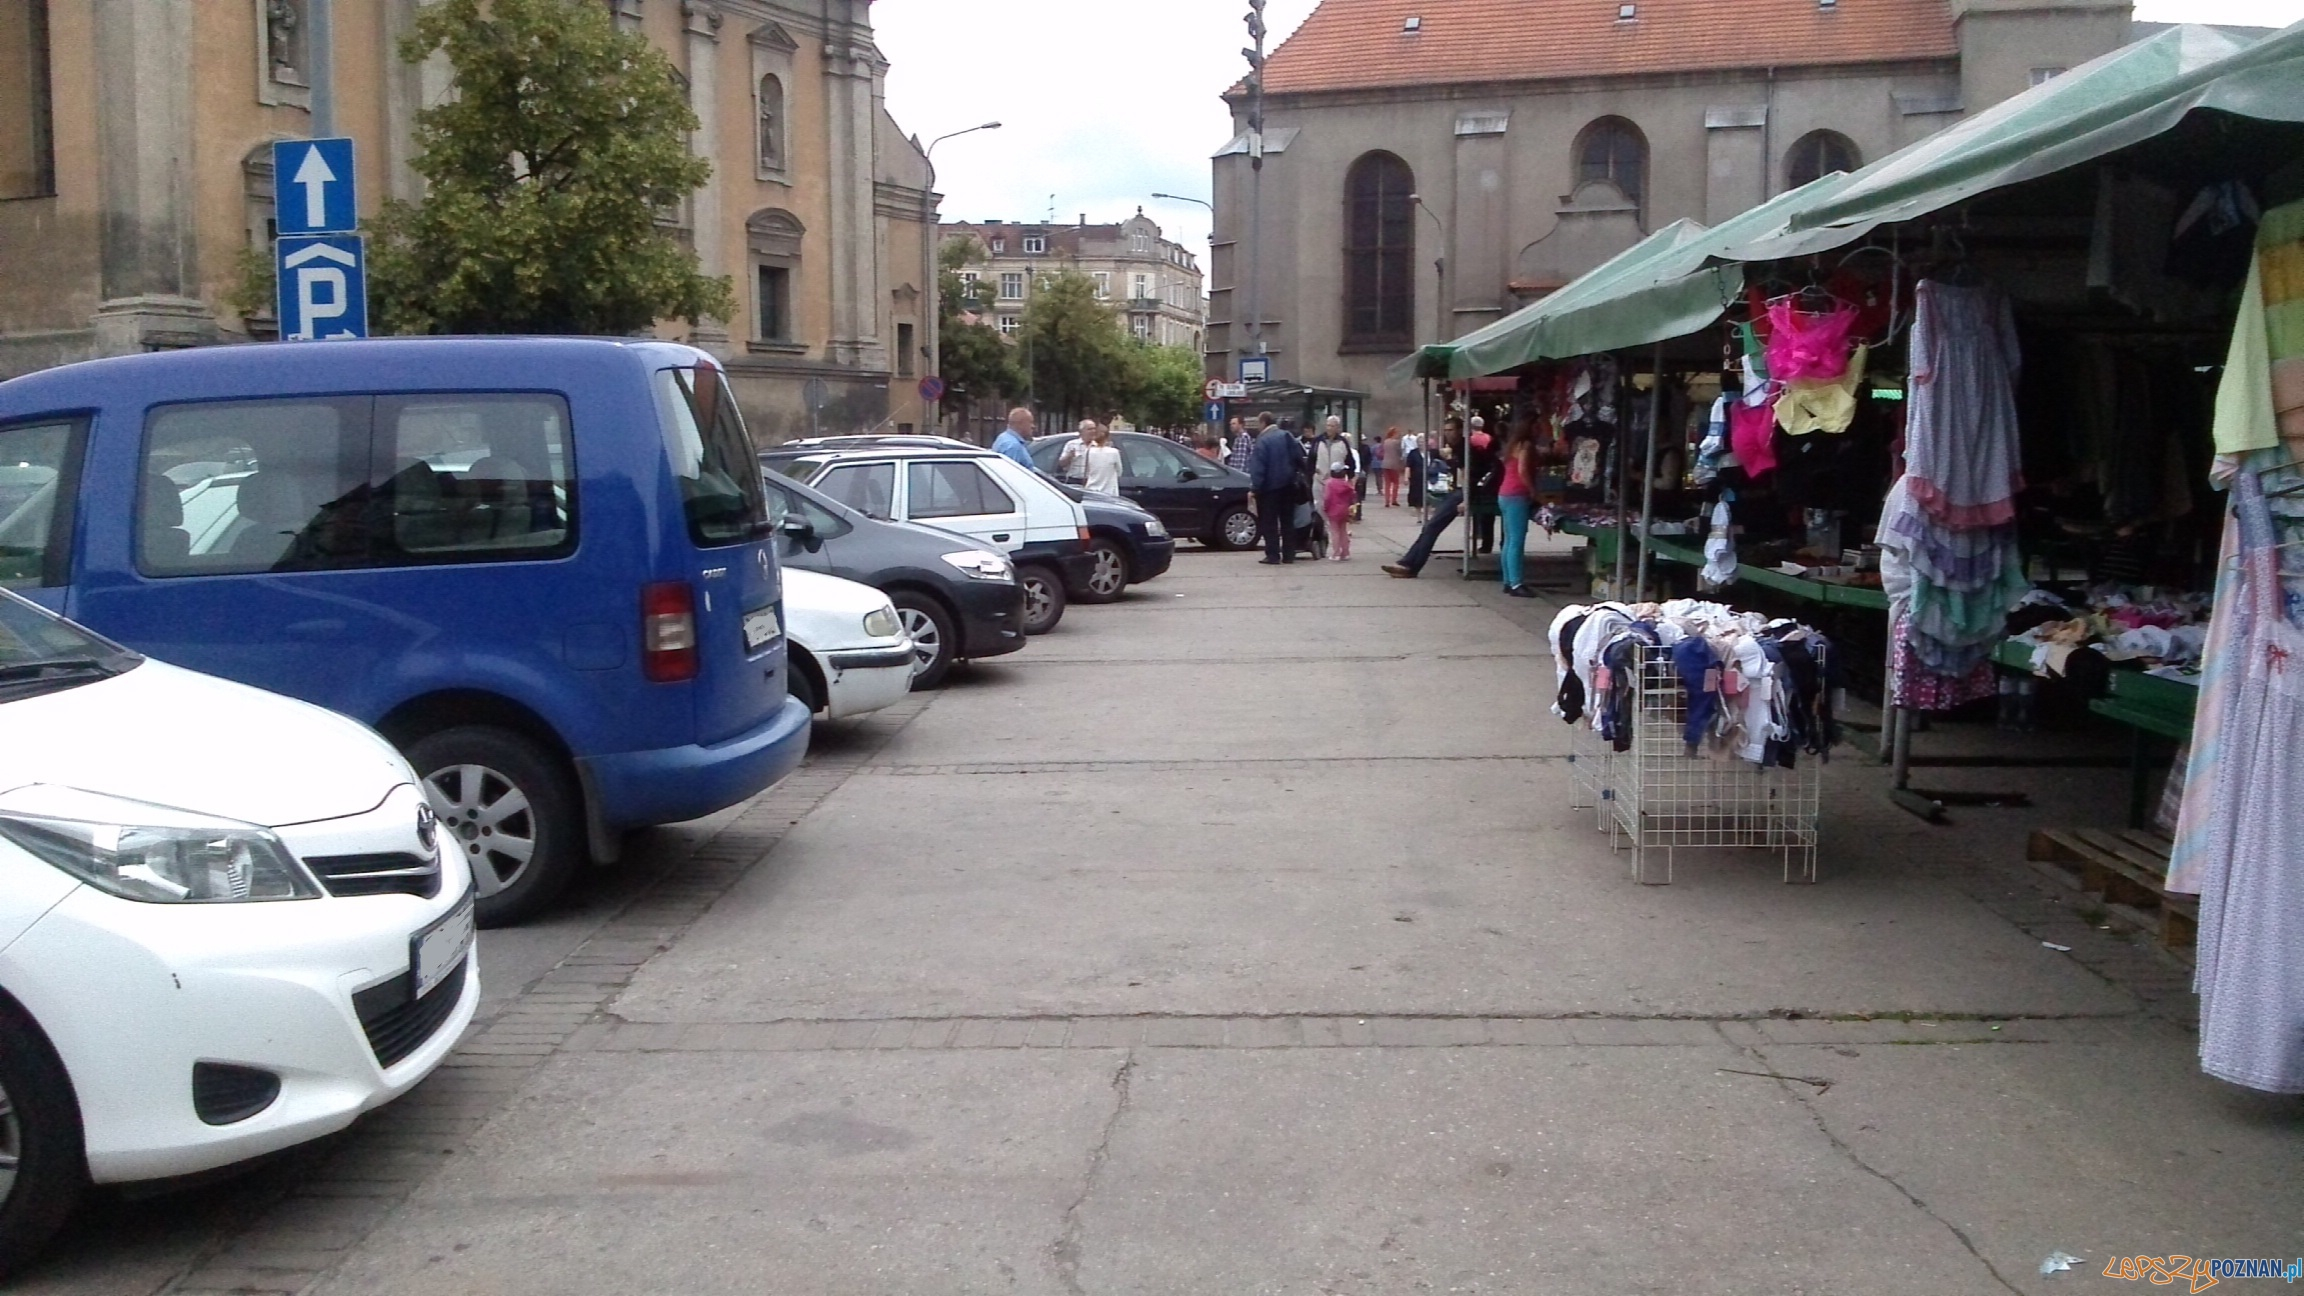 Parkowanie na Placu Bernardyńskim - Poznań 03.07.2014 r.  Foto: Karolina